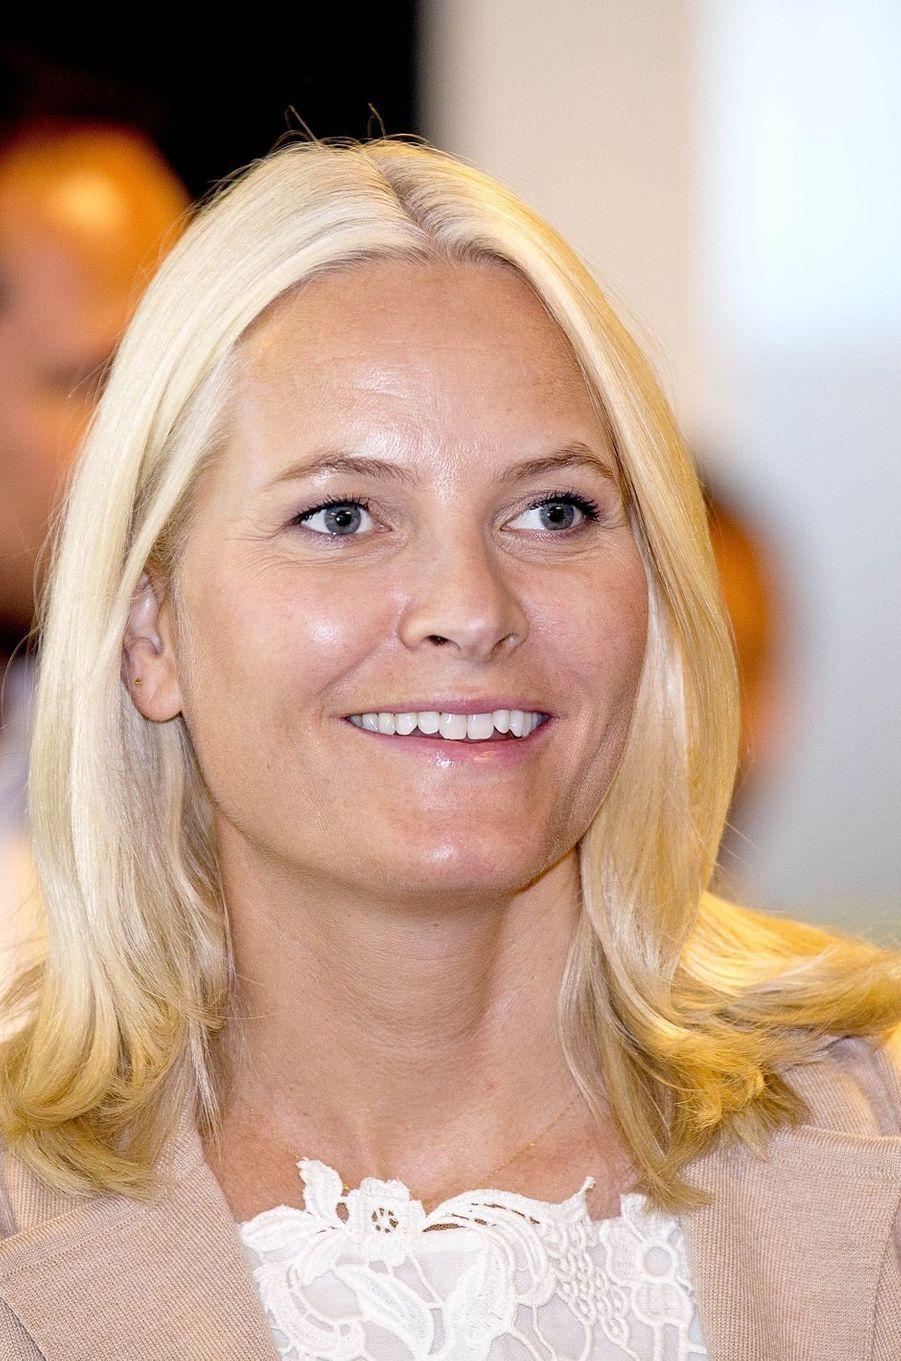 La princesse Mette-Marit de Norvège à Halden, le 29 août 2017